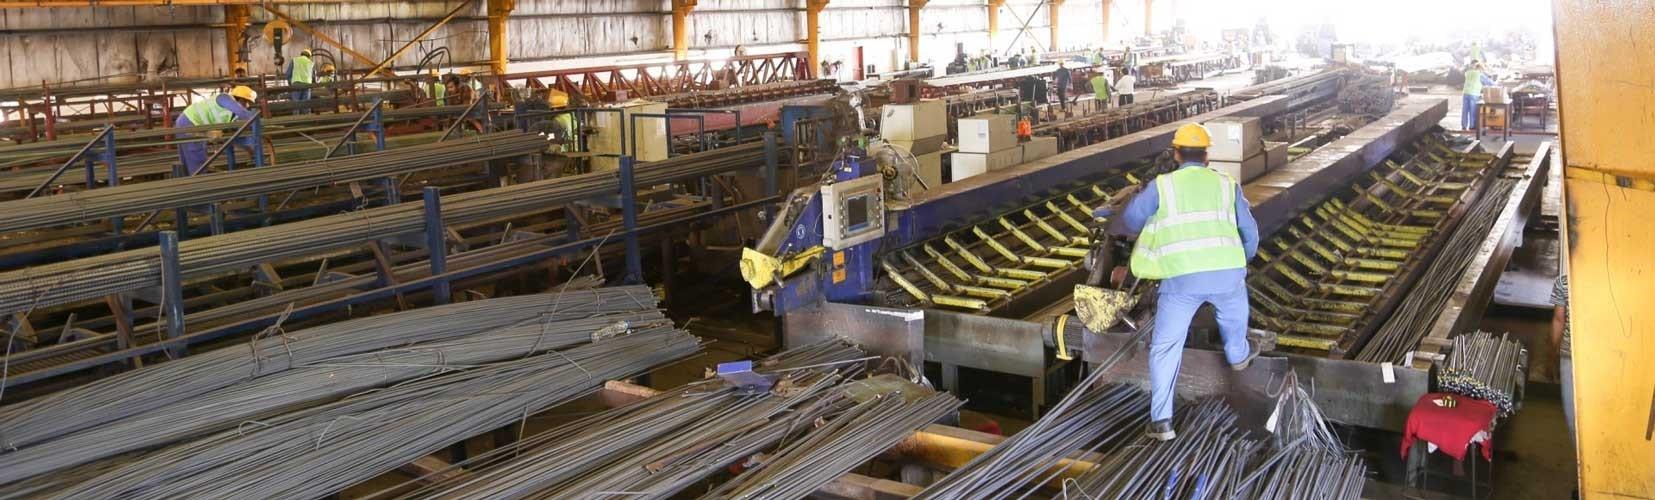 کارخانه فولاد آریا ذوب